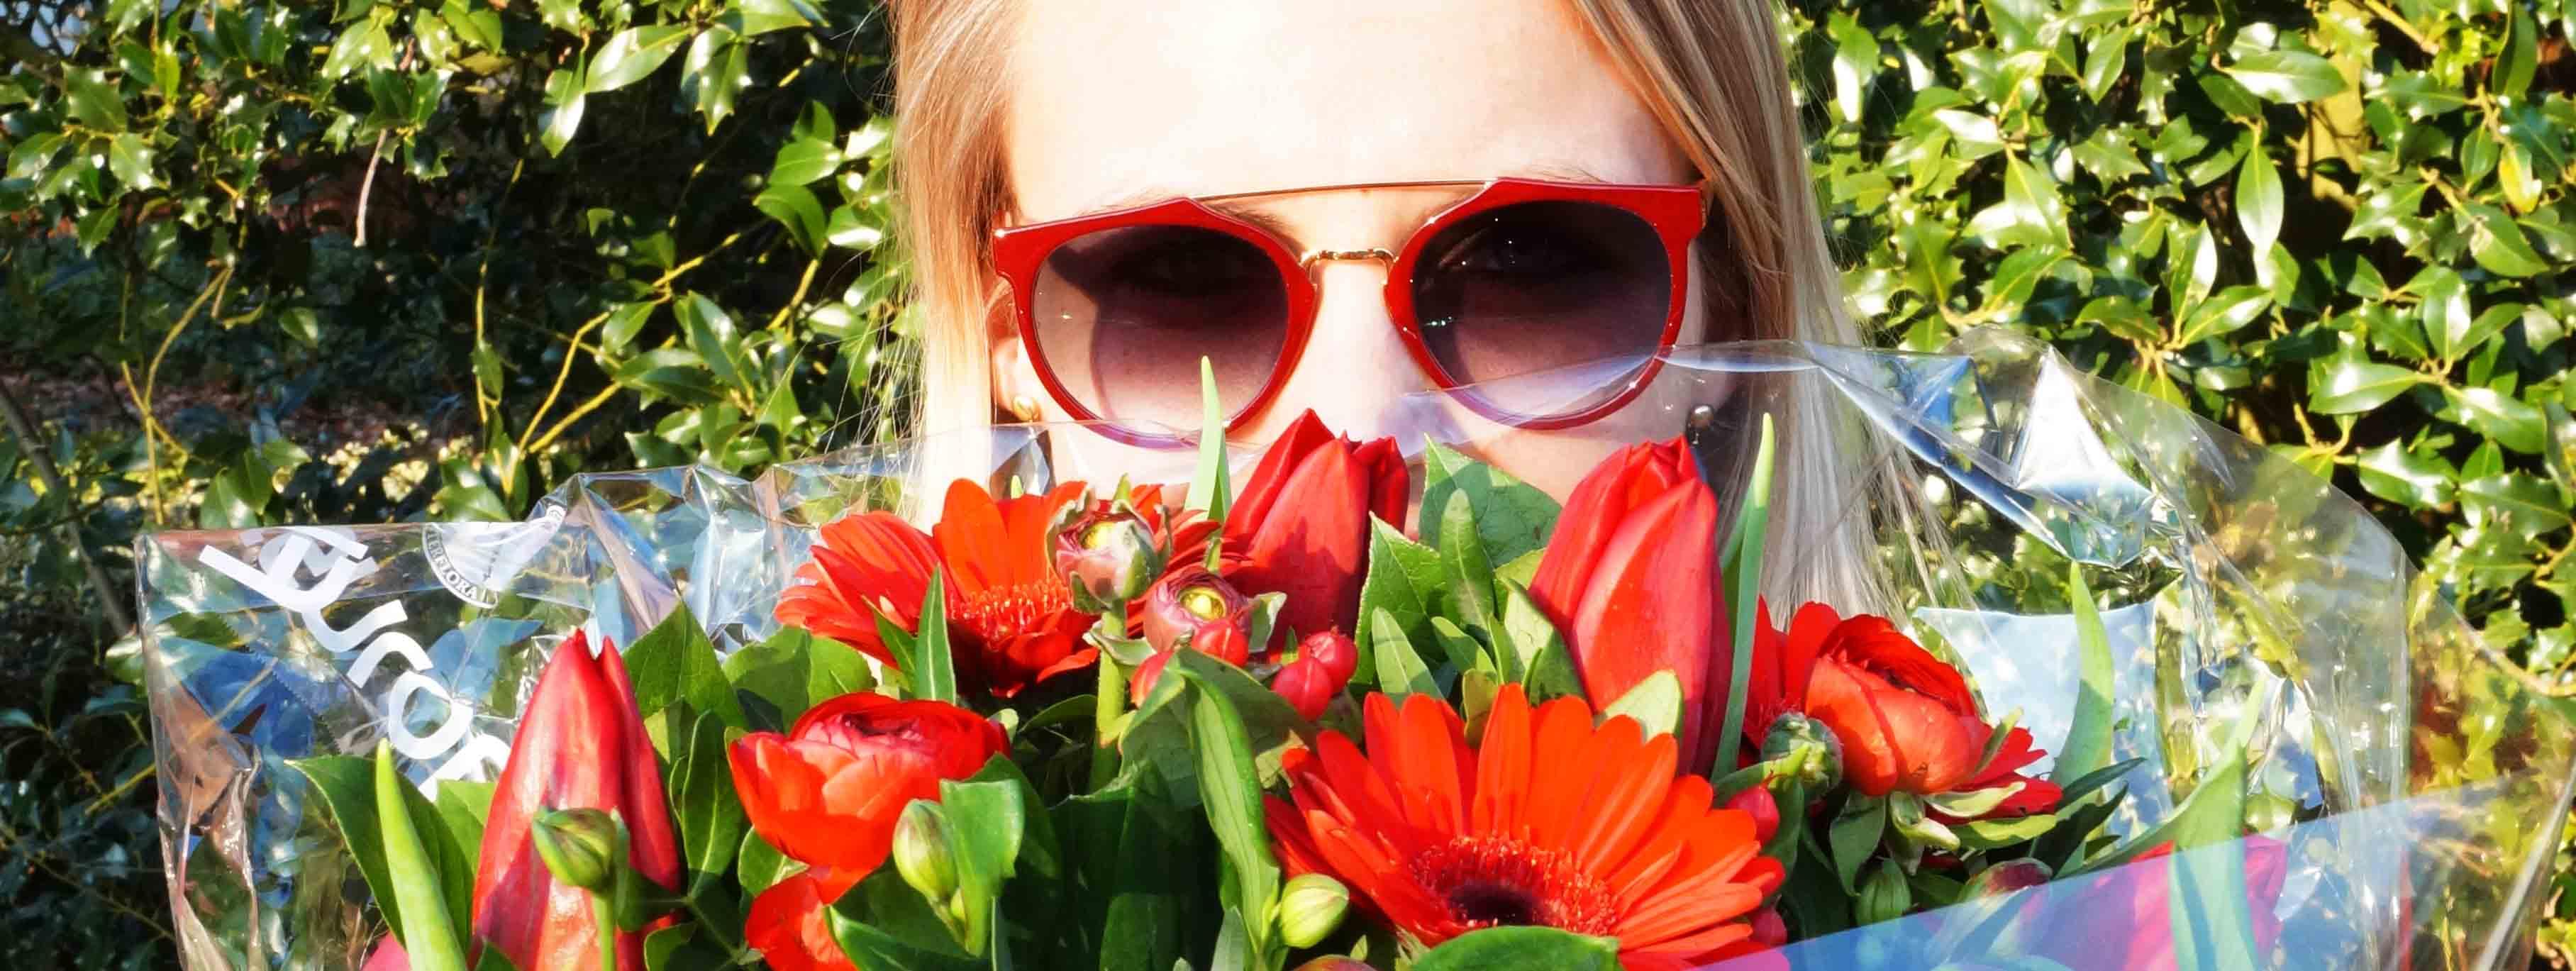 Bag at You - Polette glasses